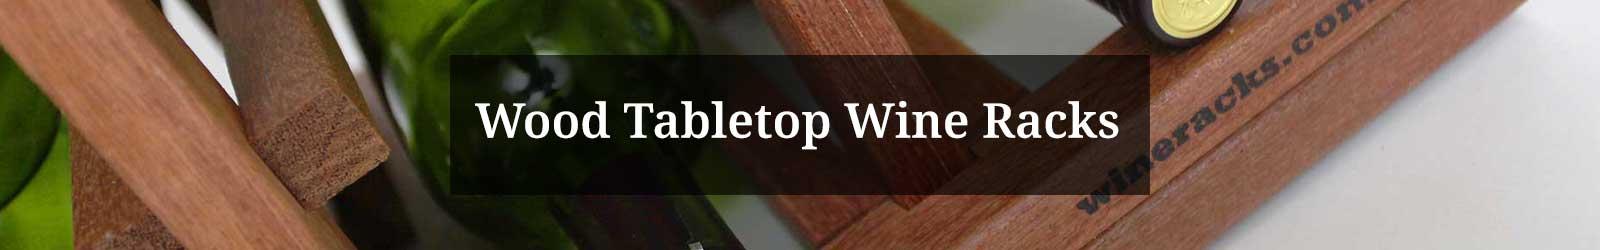 Tabletop Wine Racks